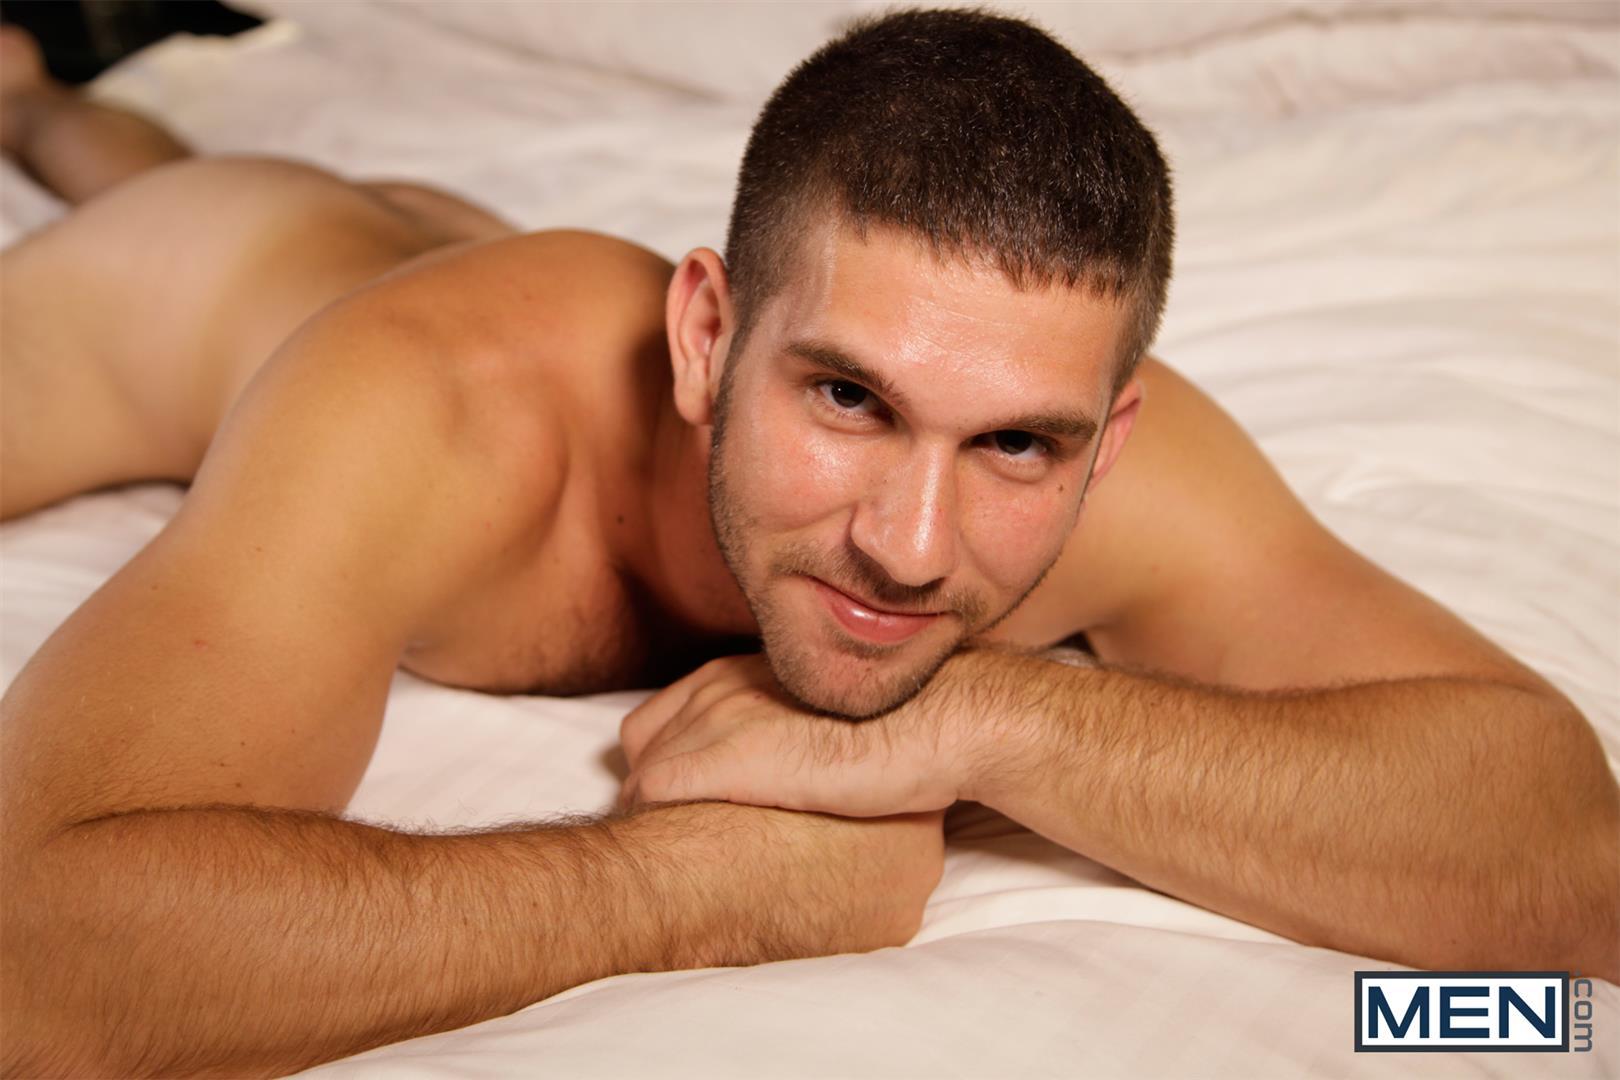 Hairy jimmy fanz gay porn star